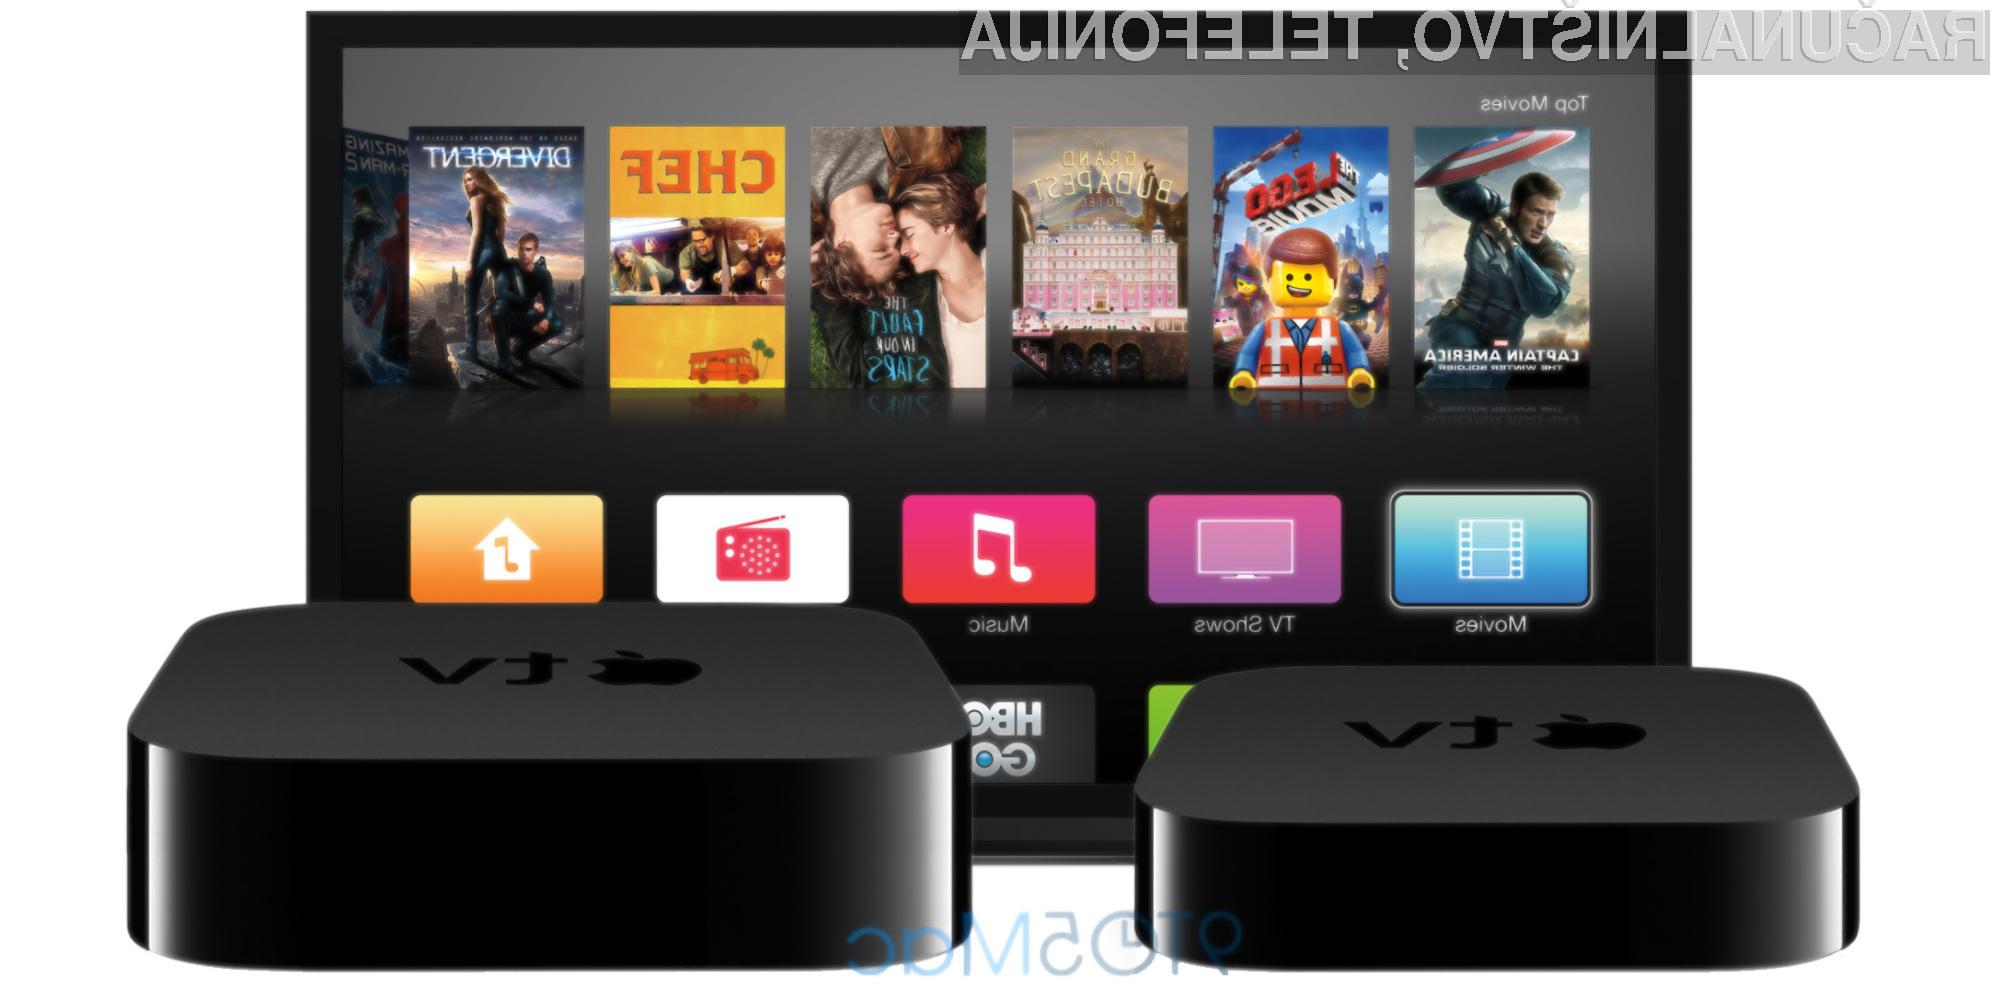 Četrti Apple TV še boljši in uporabnejši, a precej dražji!